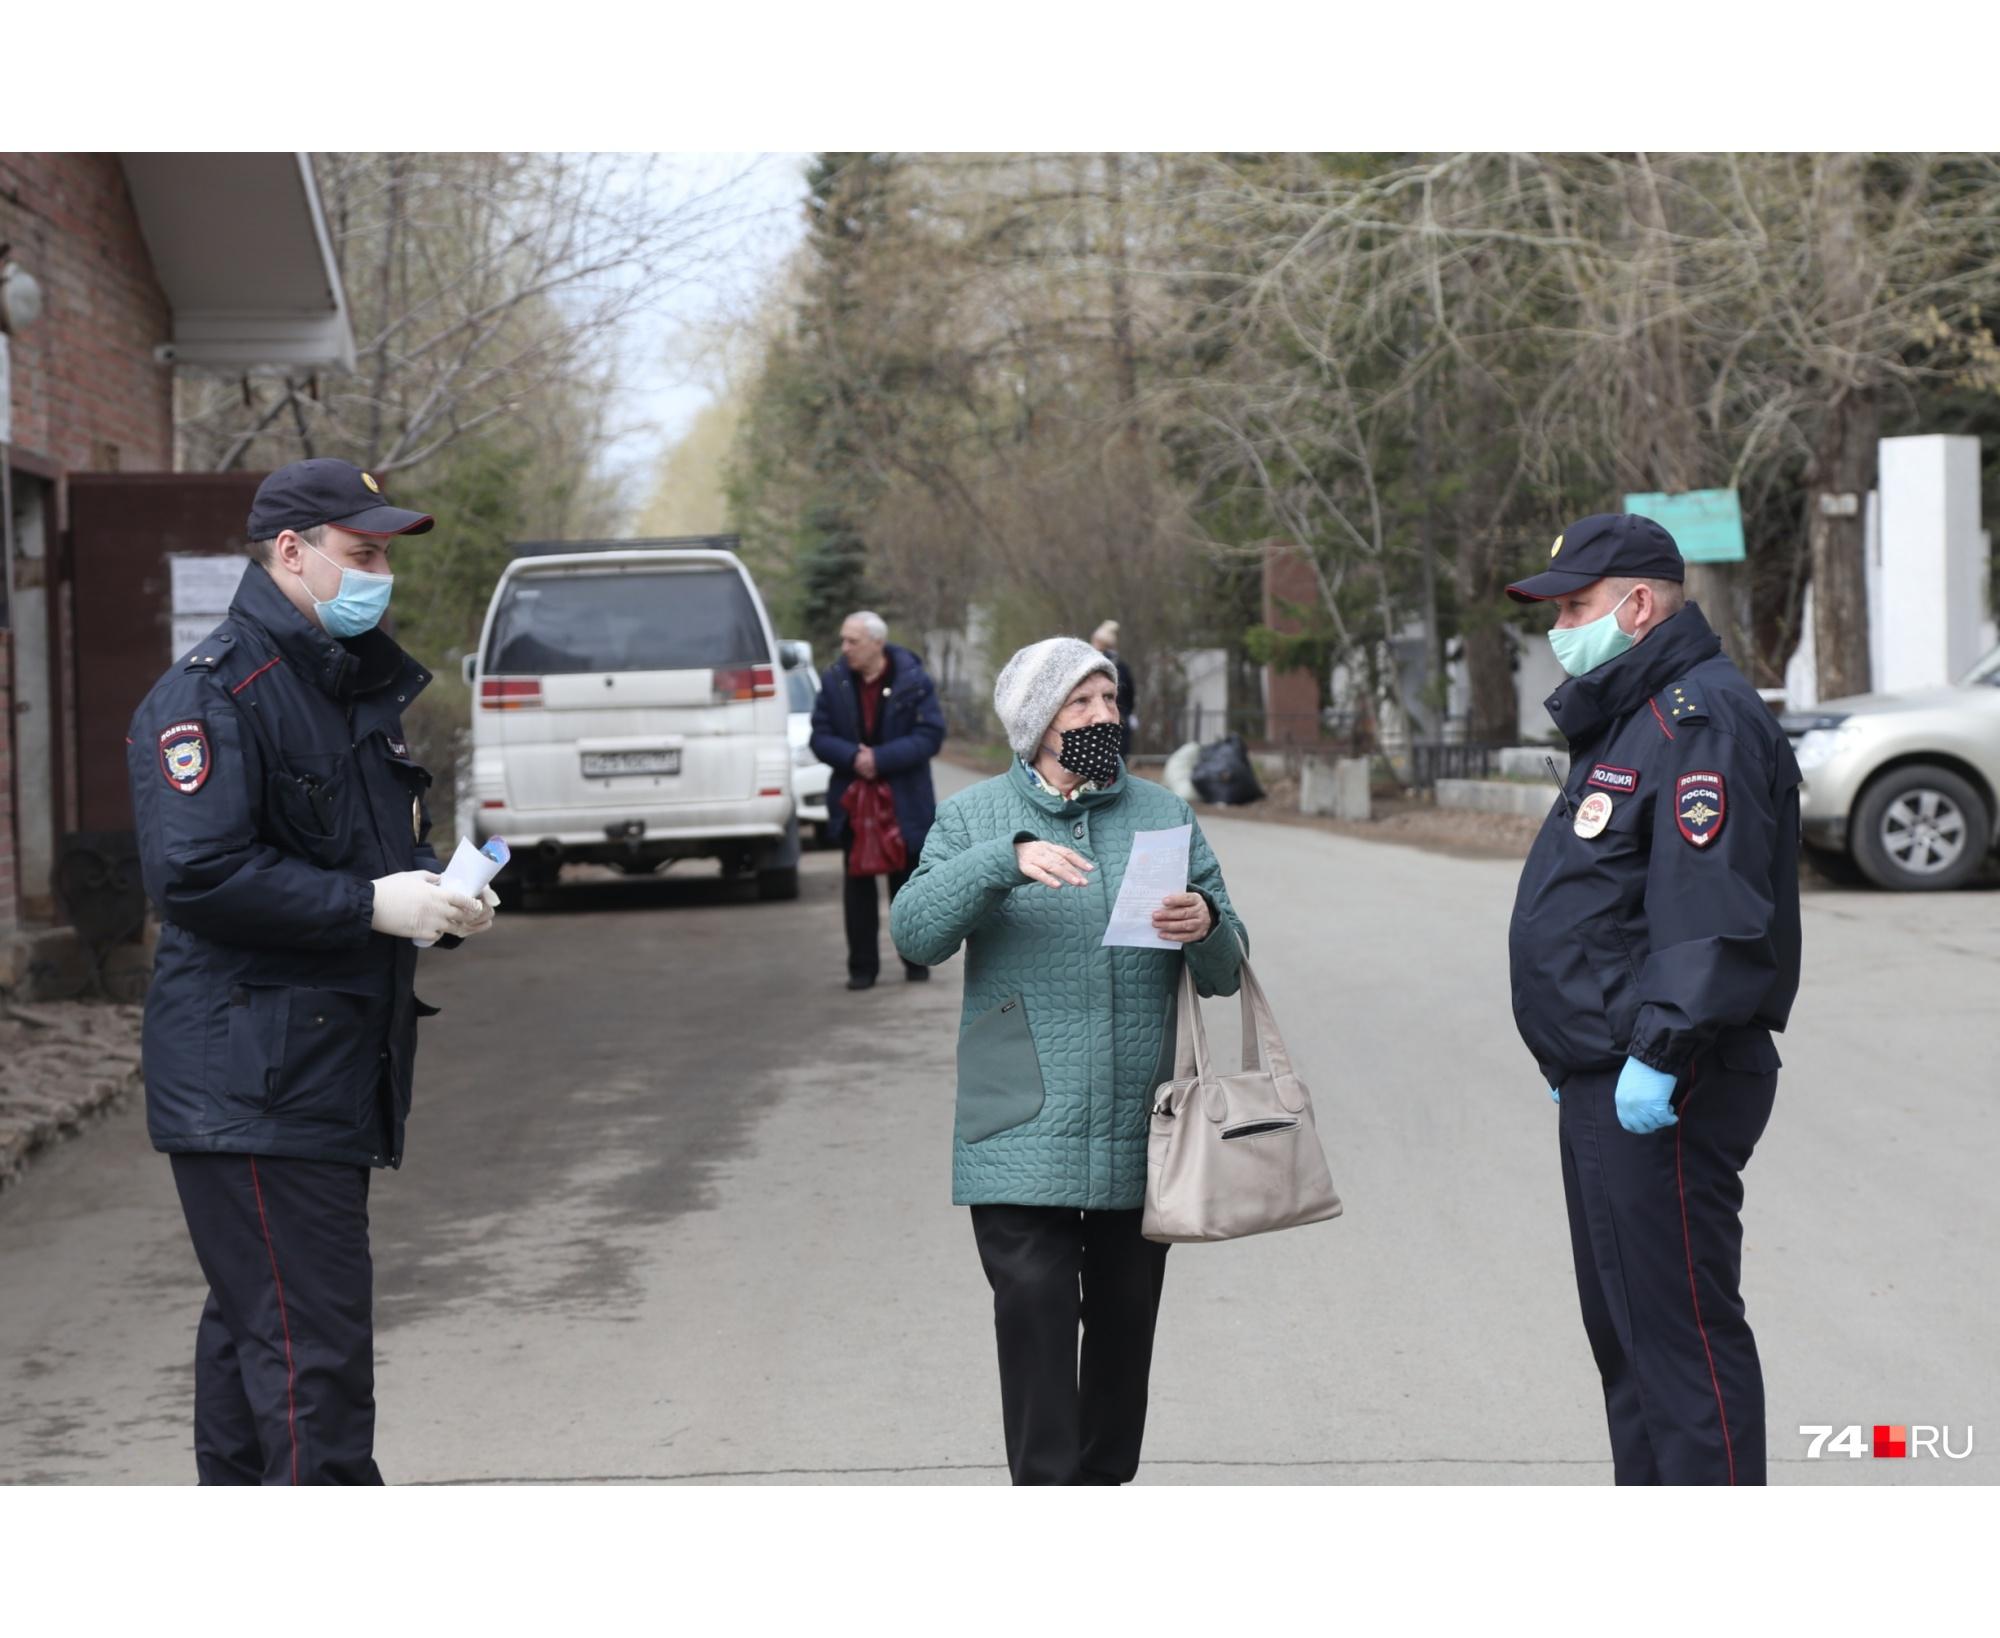 Полиция раздает некоторым памятки, при этом входить не запрещает